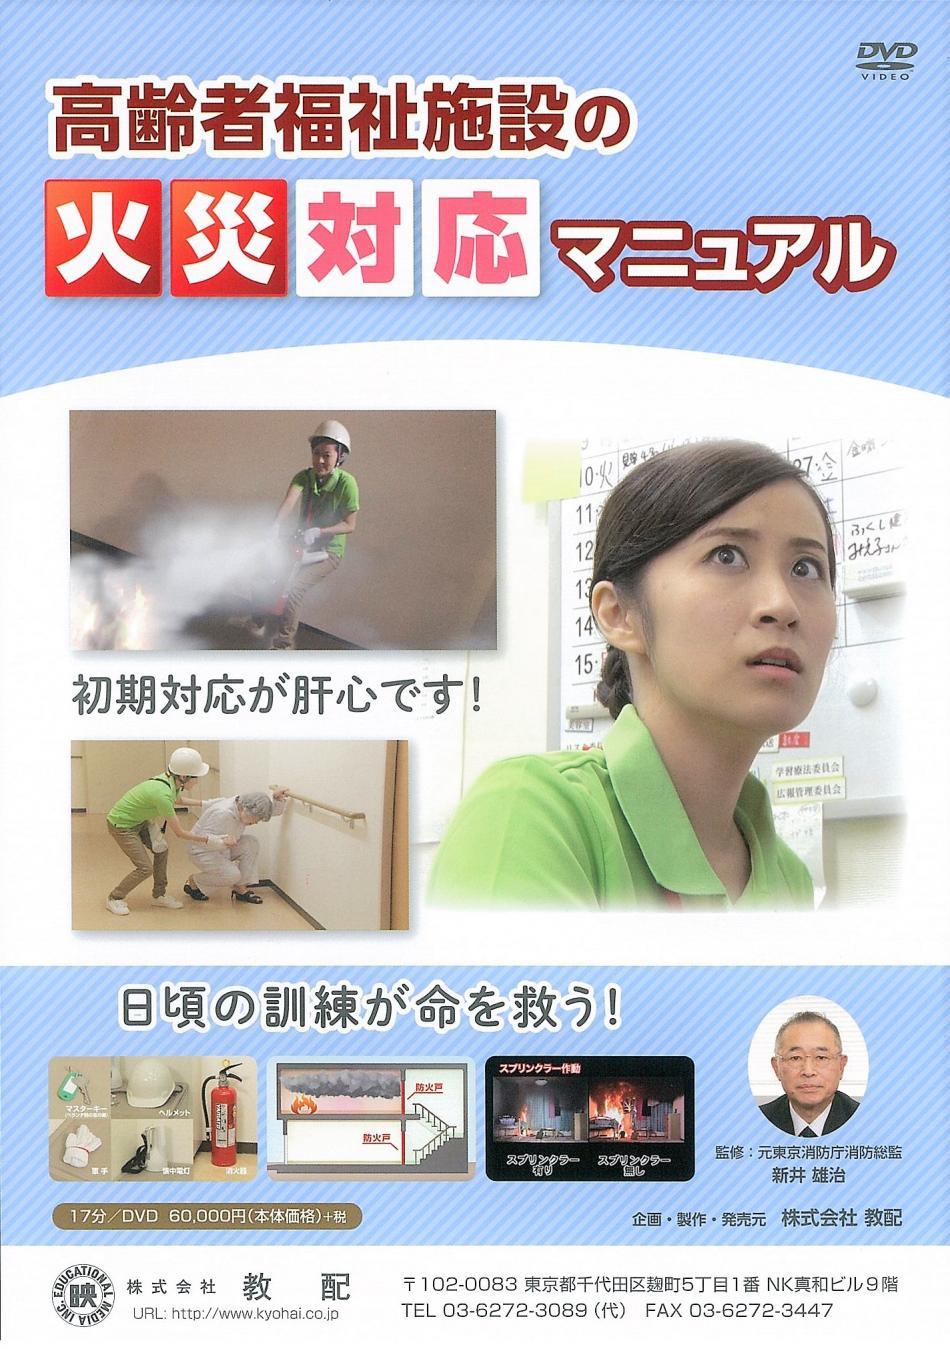 防災 dvd ダウンロード